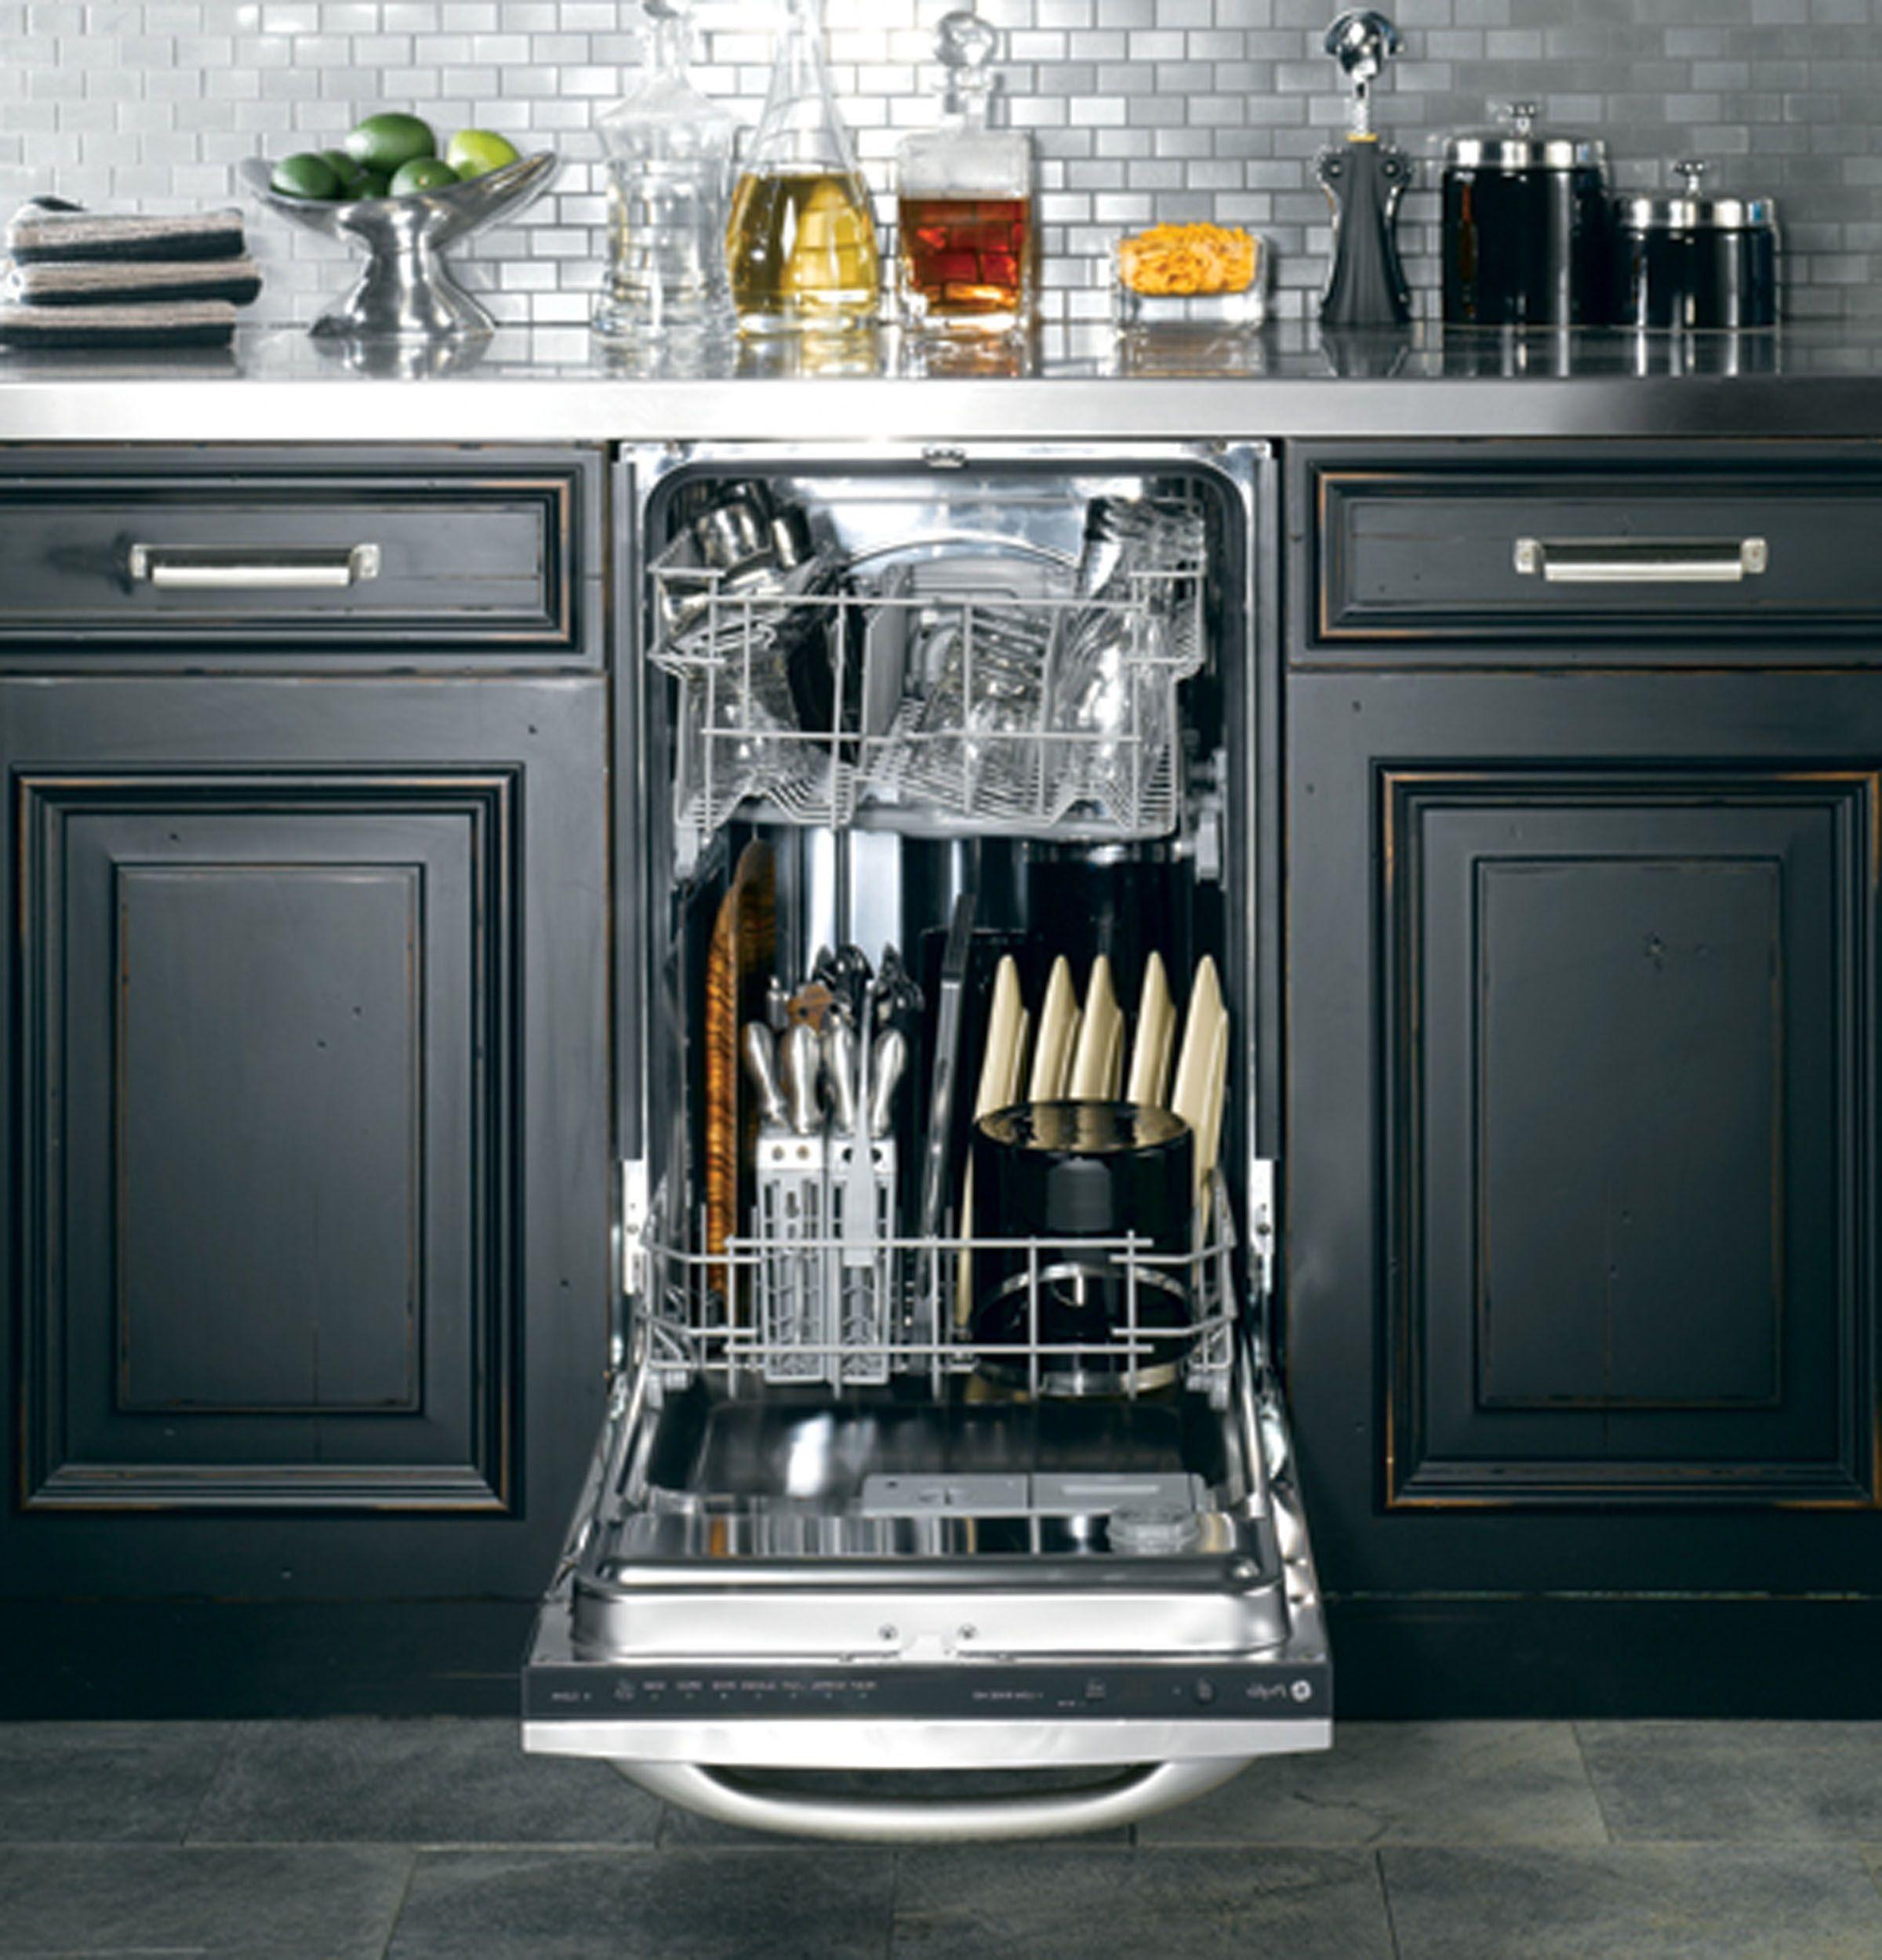 Amazing 18 Inch Dishwasher Narrow Dishwasher Small Dishwasher 18 Inch Dishwashers